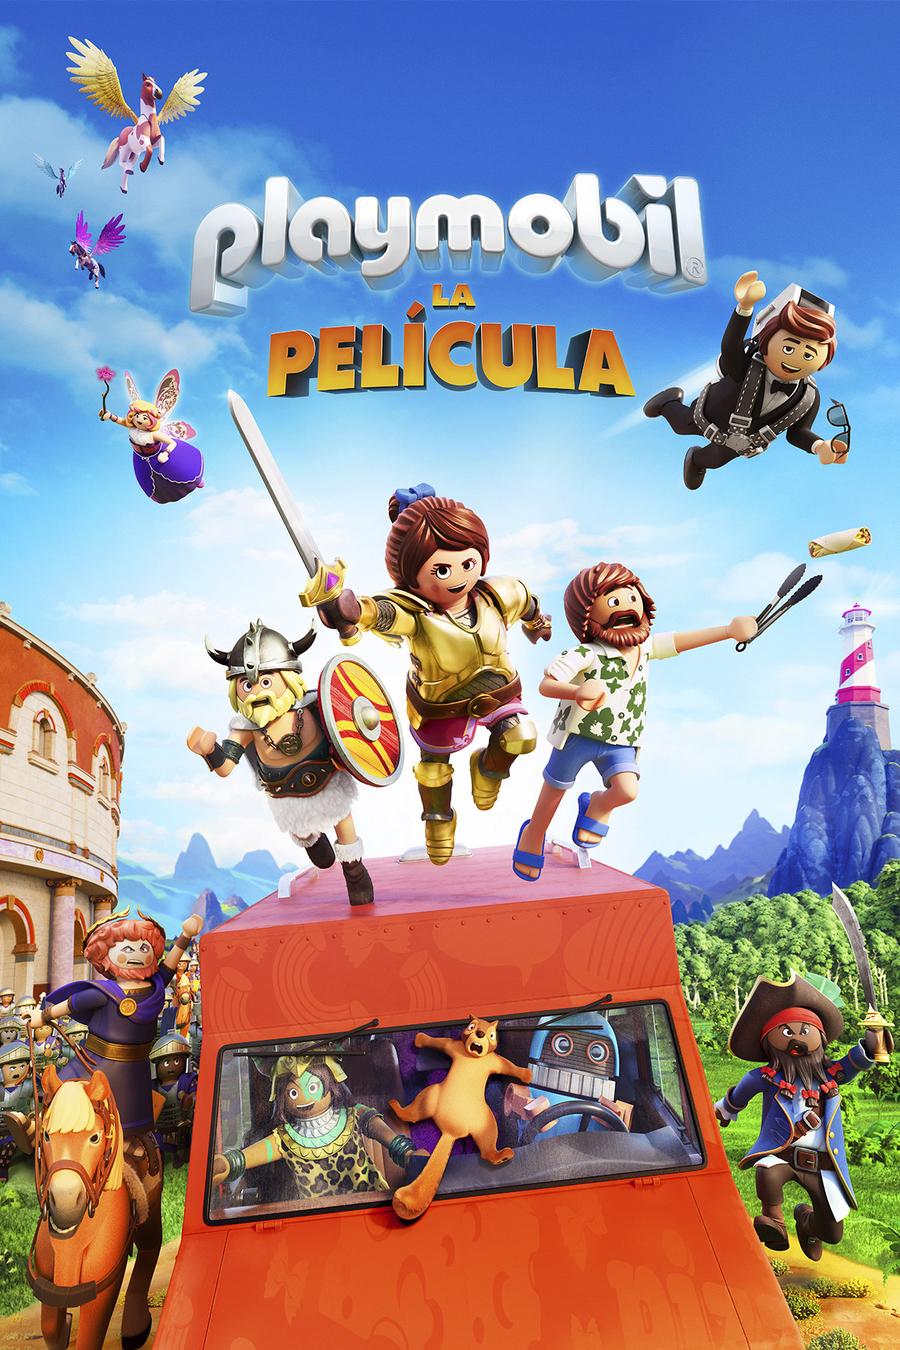 Playmobil: La pel·lícula